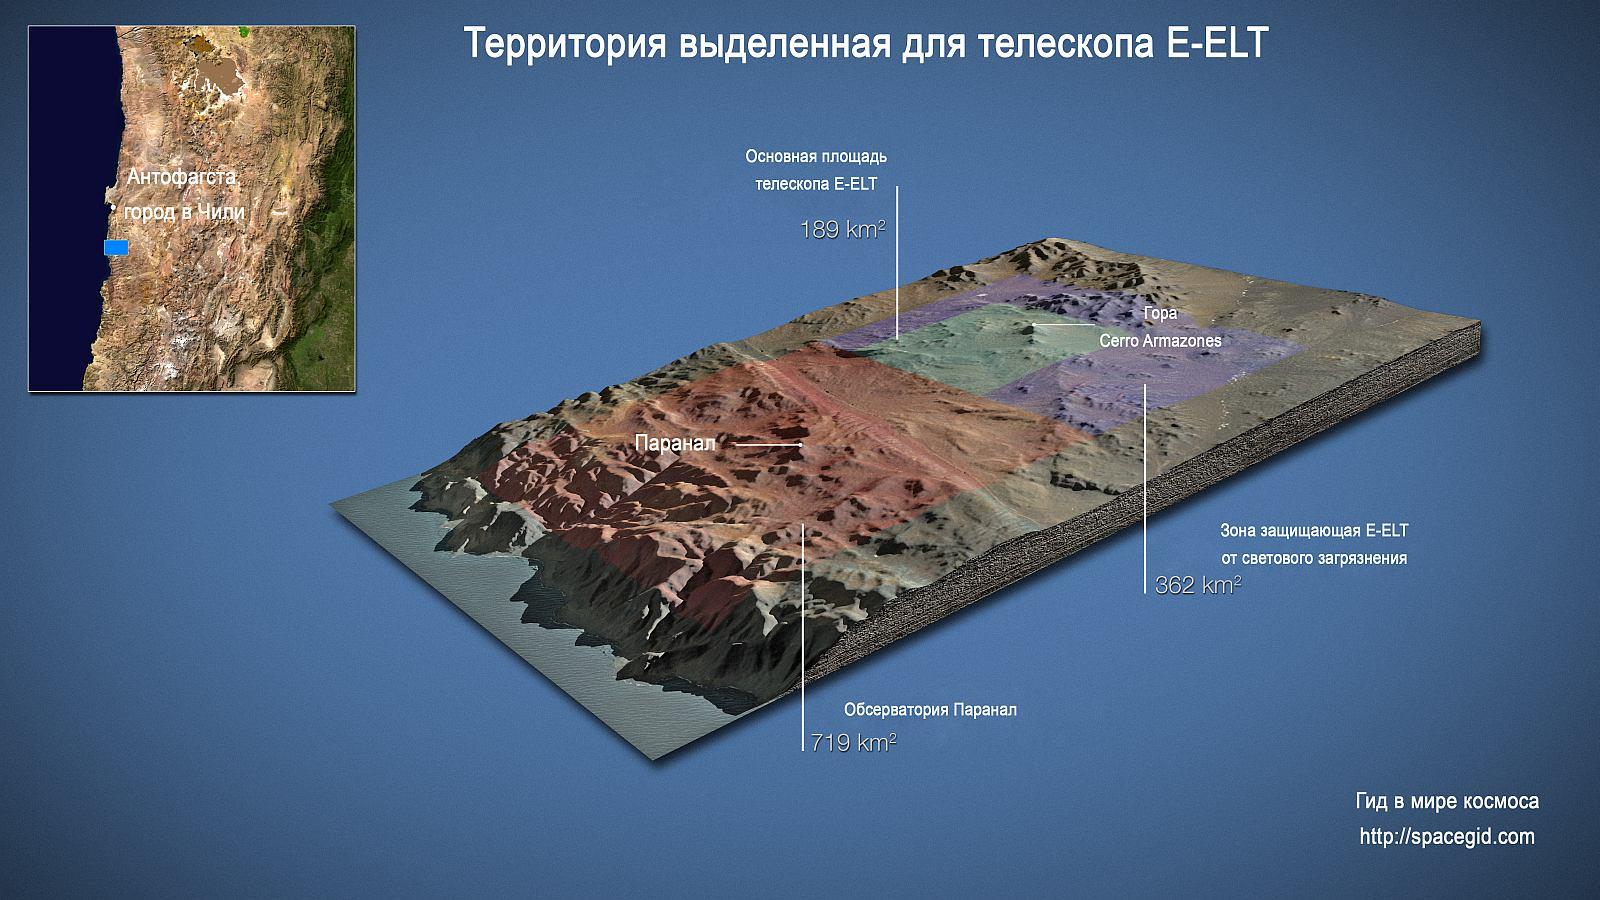 Территория выделенная для E-ELT